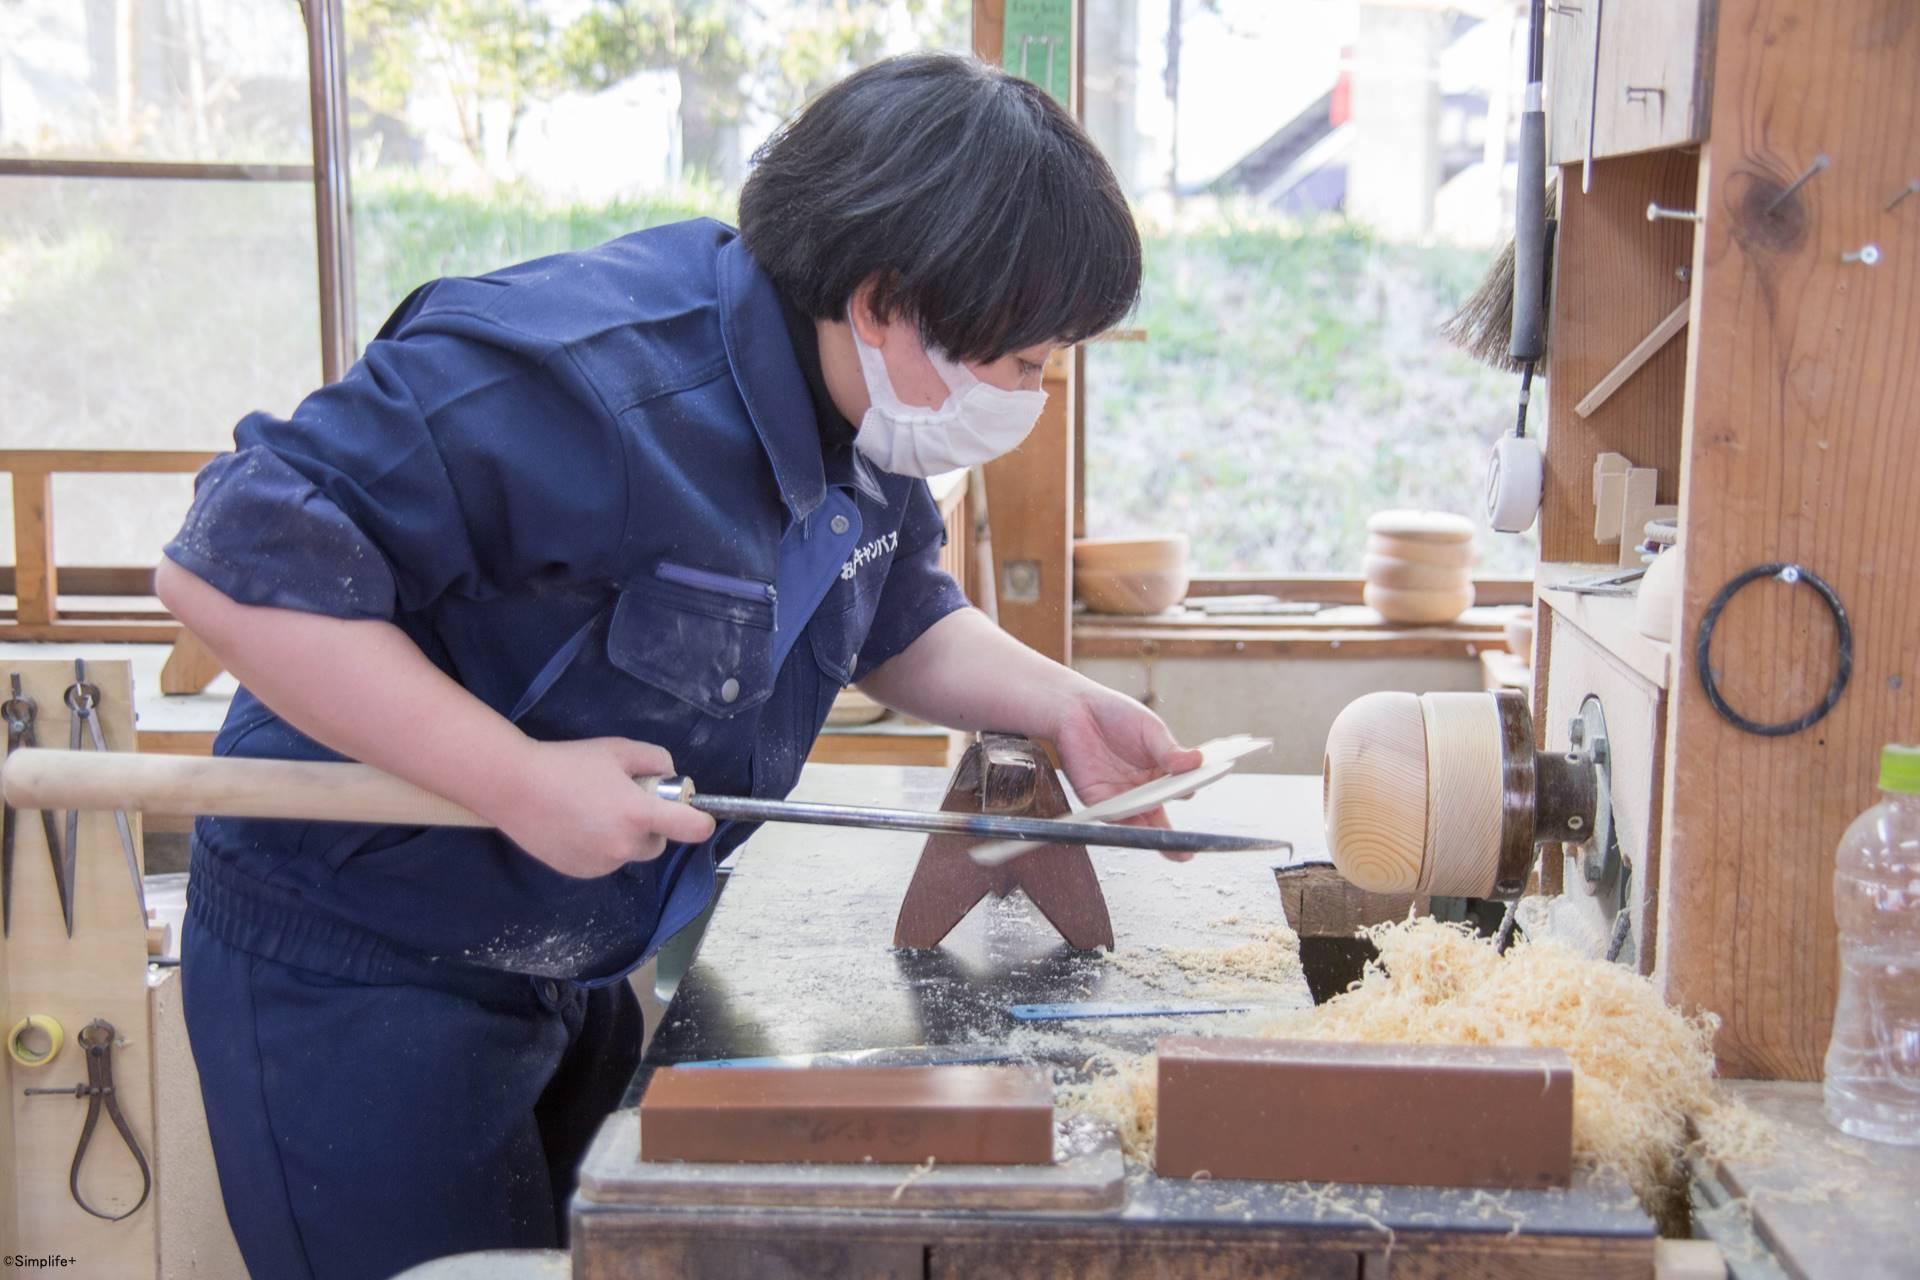 岩手県 洋野町 大野 おおのキャンパス 秋岡芳夫